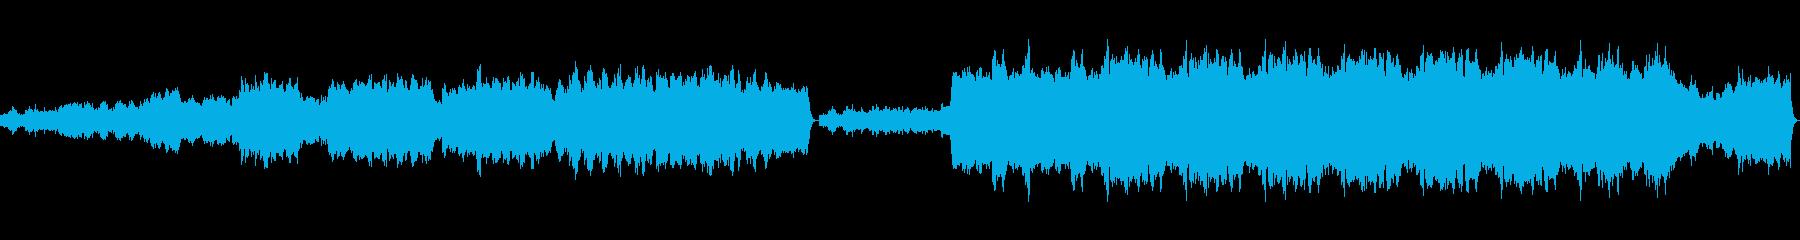 教会をイメージしたパイプオルガンソロの再生済みの波形